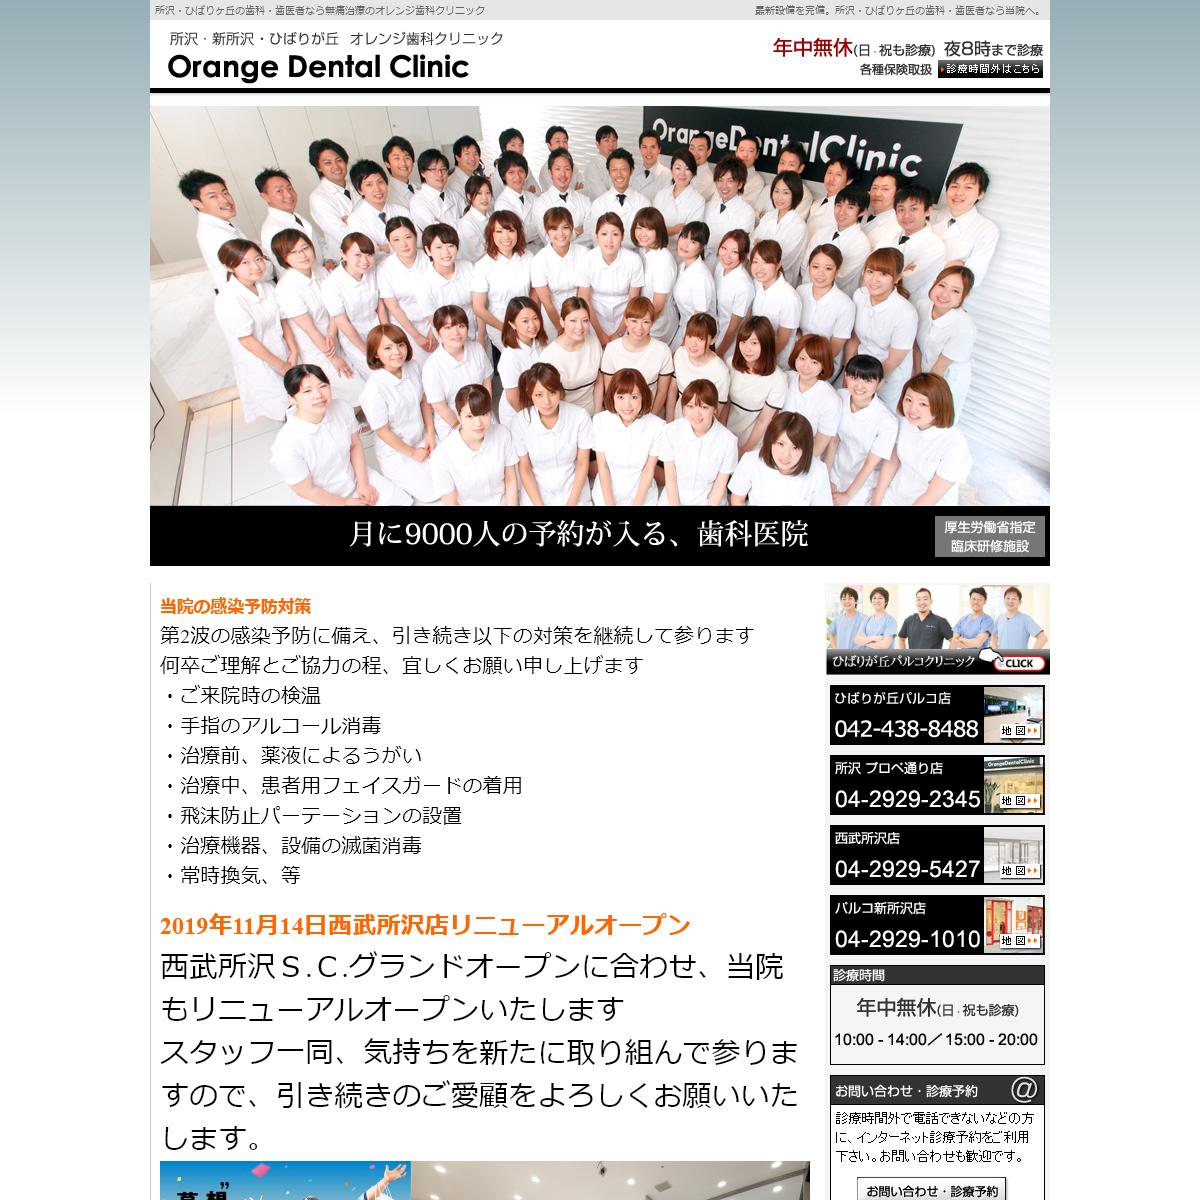 オレンジ歯科クリニック_HPキャプチャ